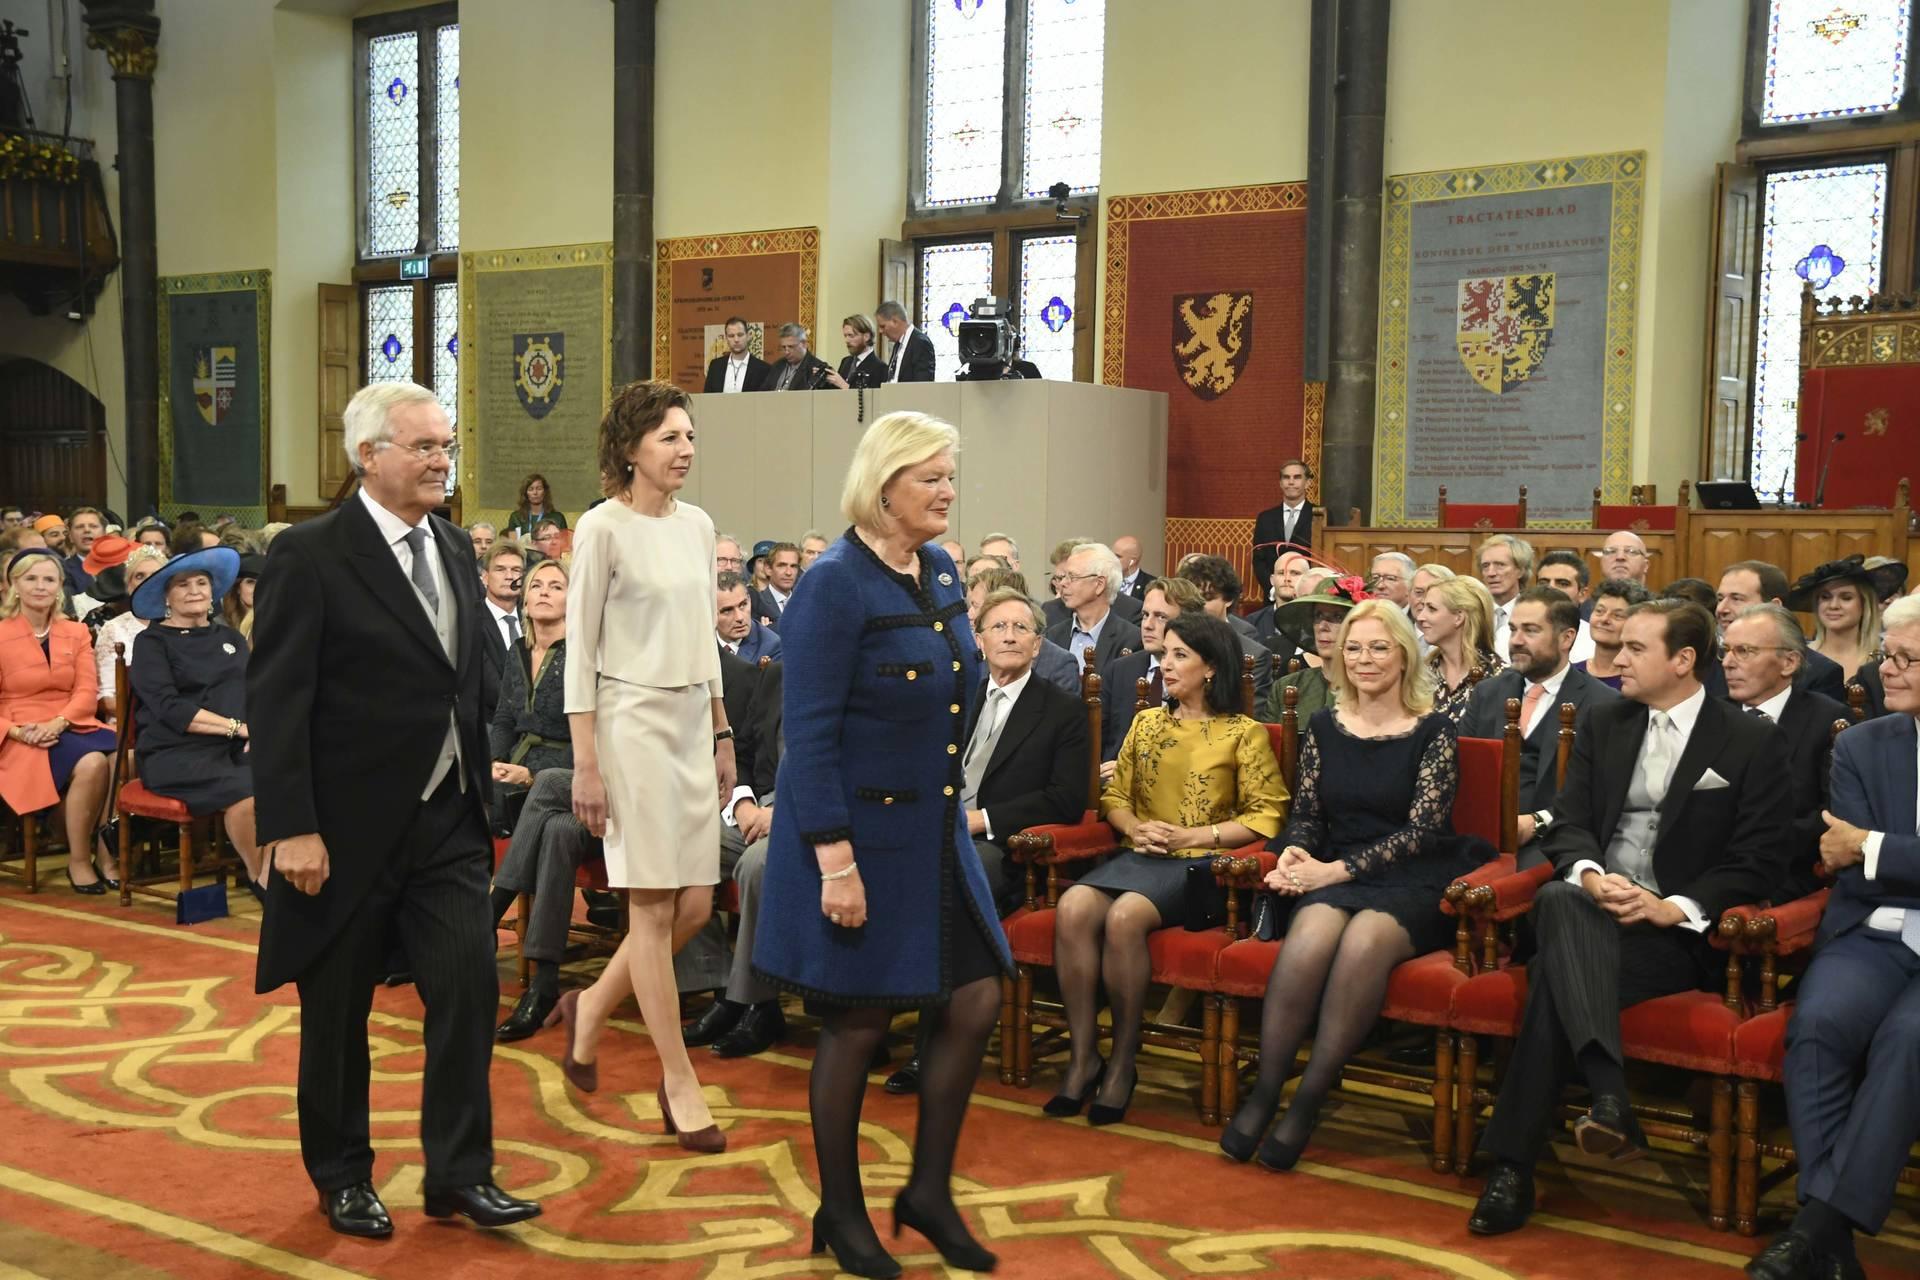 Eerste kamer der staten generaal verenigde vergadering prinsjesdag